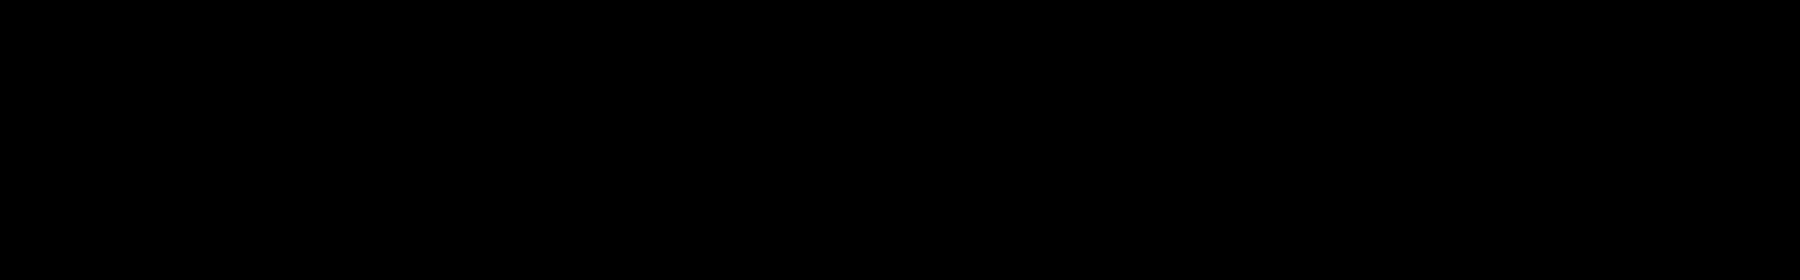 Tunecraft EDM Signature Series audio waveform